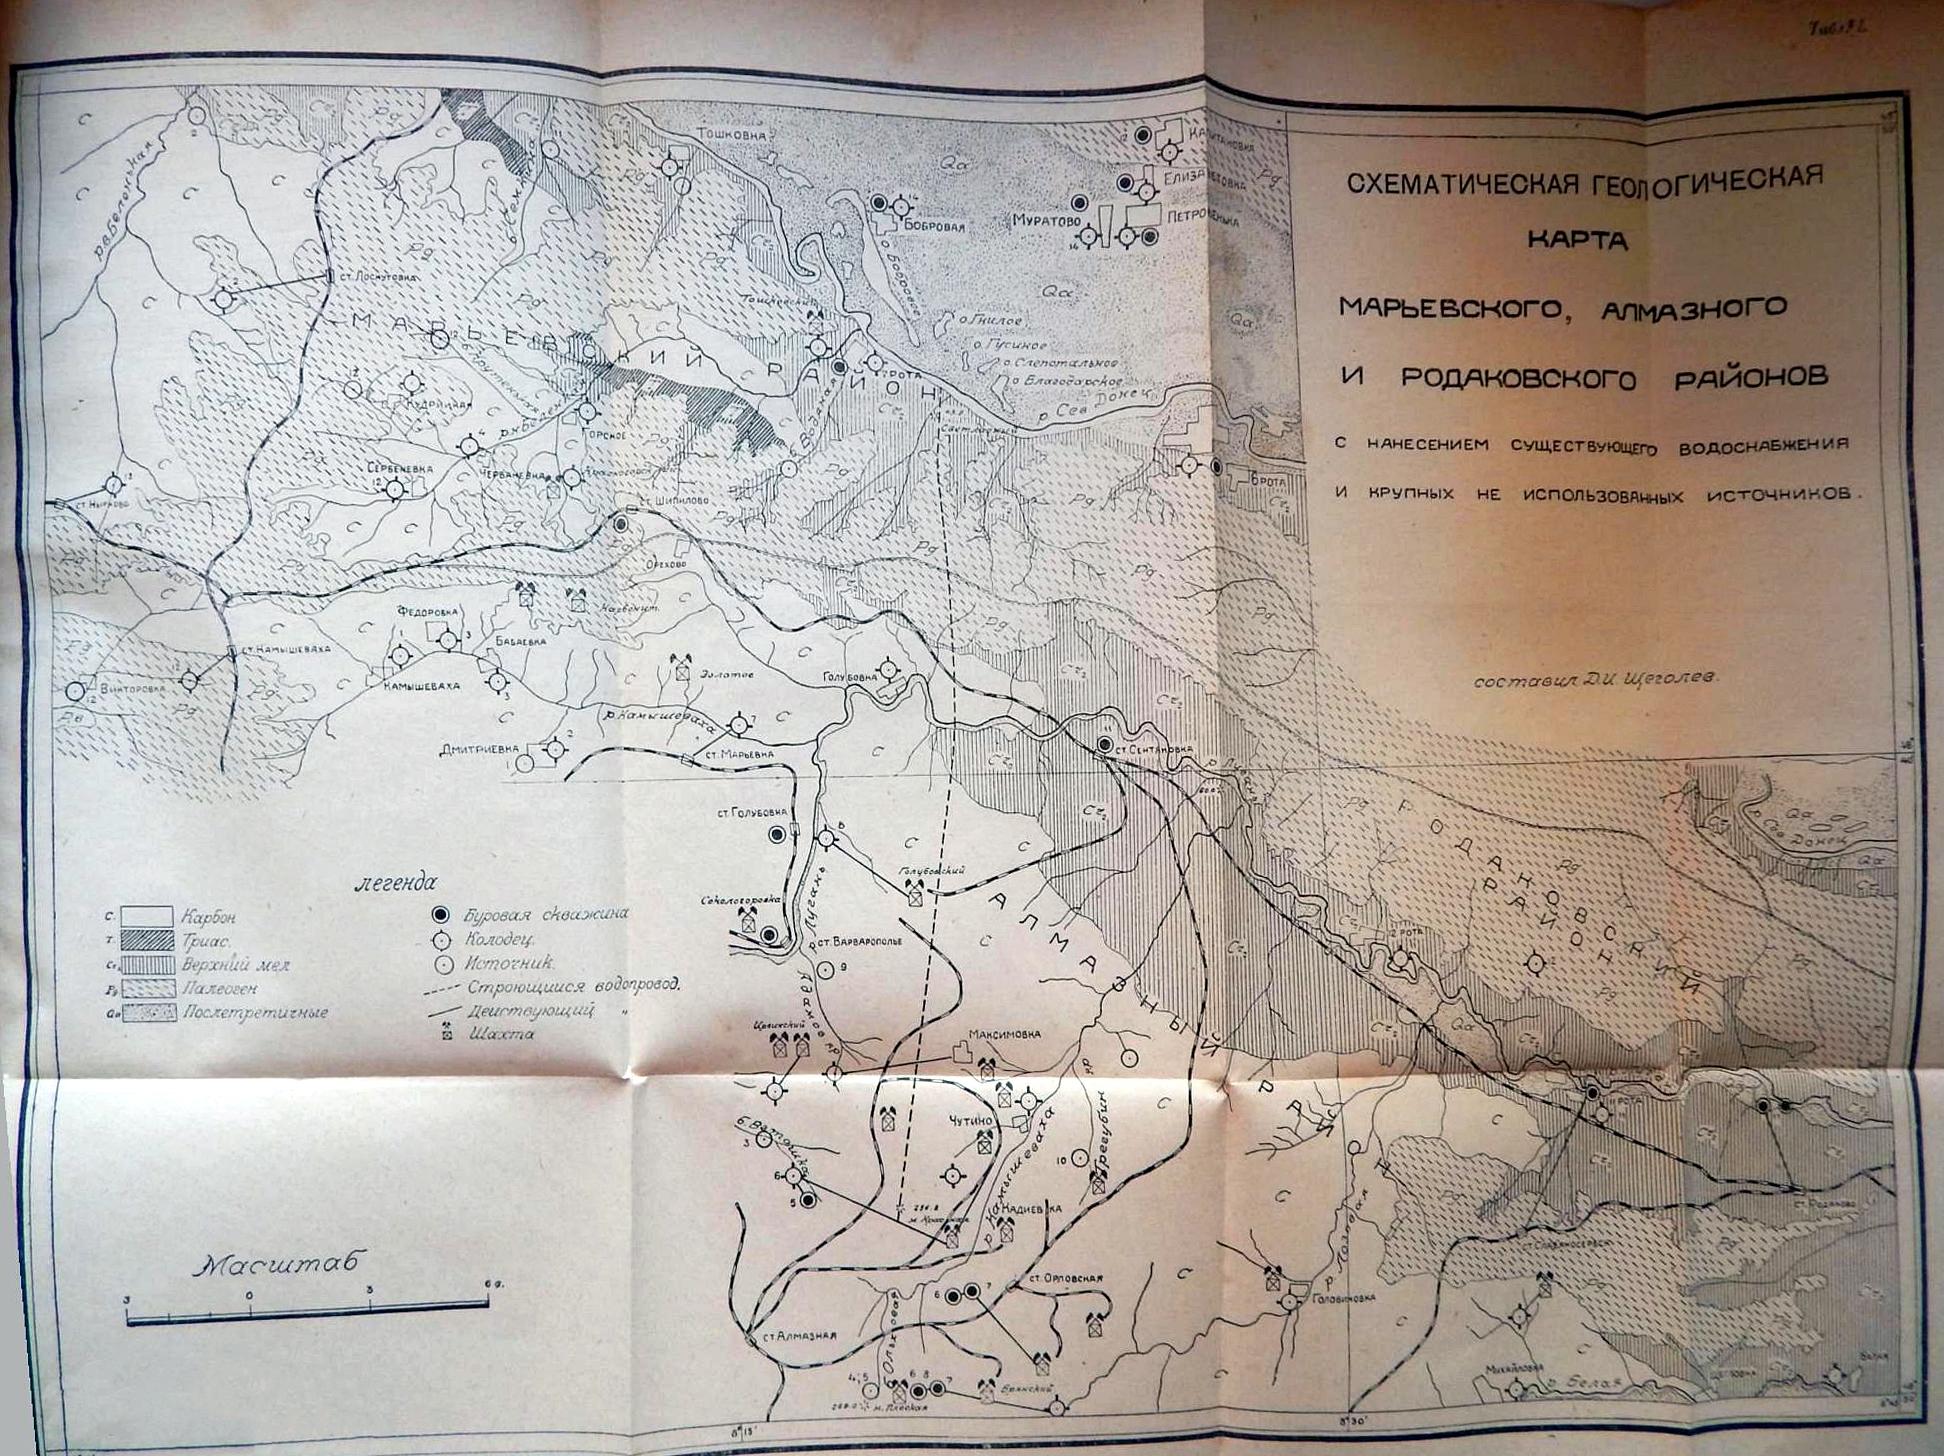 Щеголев Д.И. Схематическая геологическая карта Марьевского, Алмазного и Родаковского районов с нанесением существующего водоснабжения и крупных не использованных источников (1929)